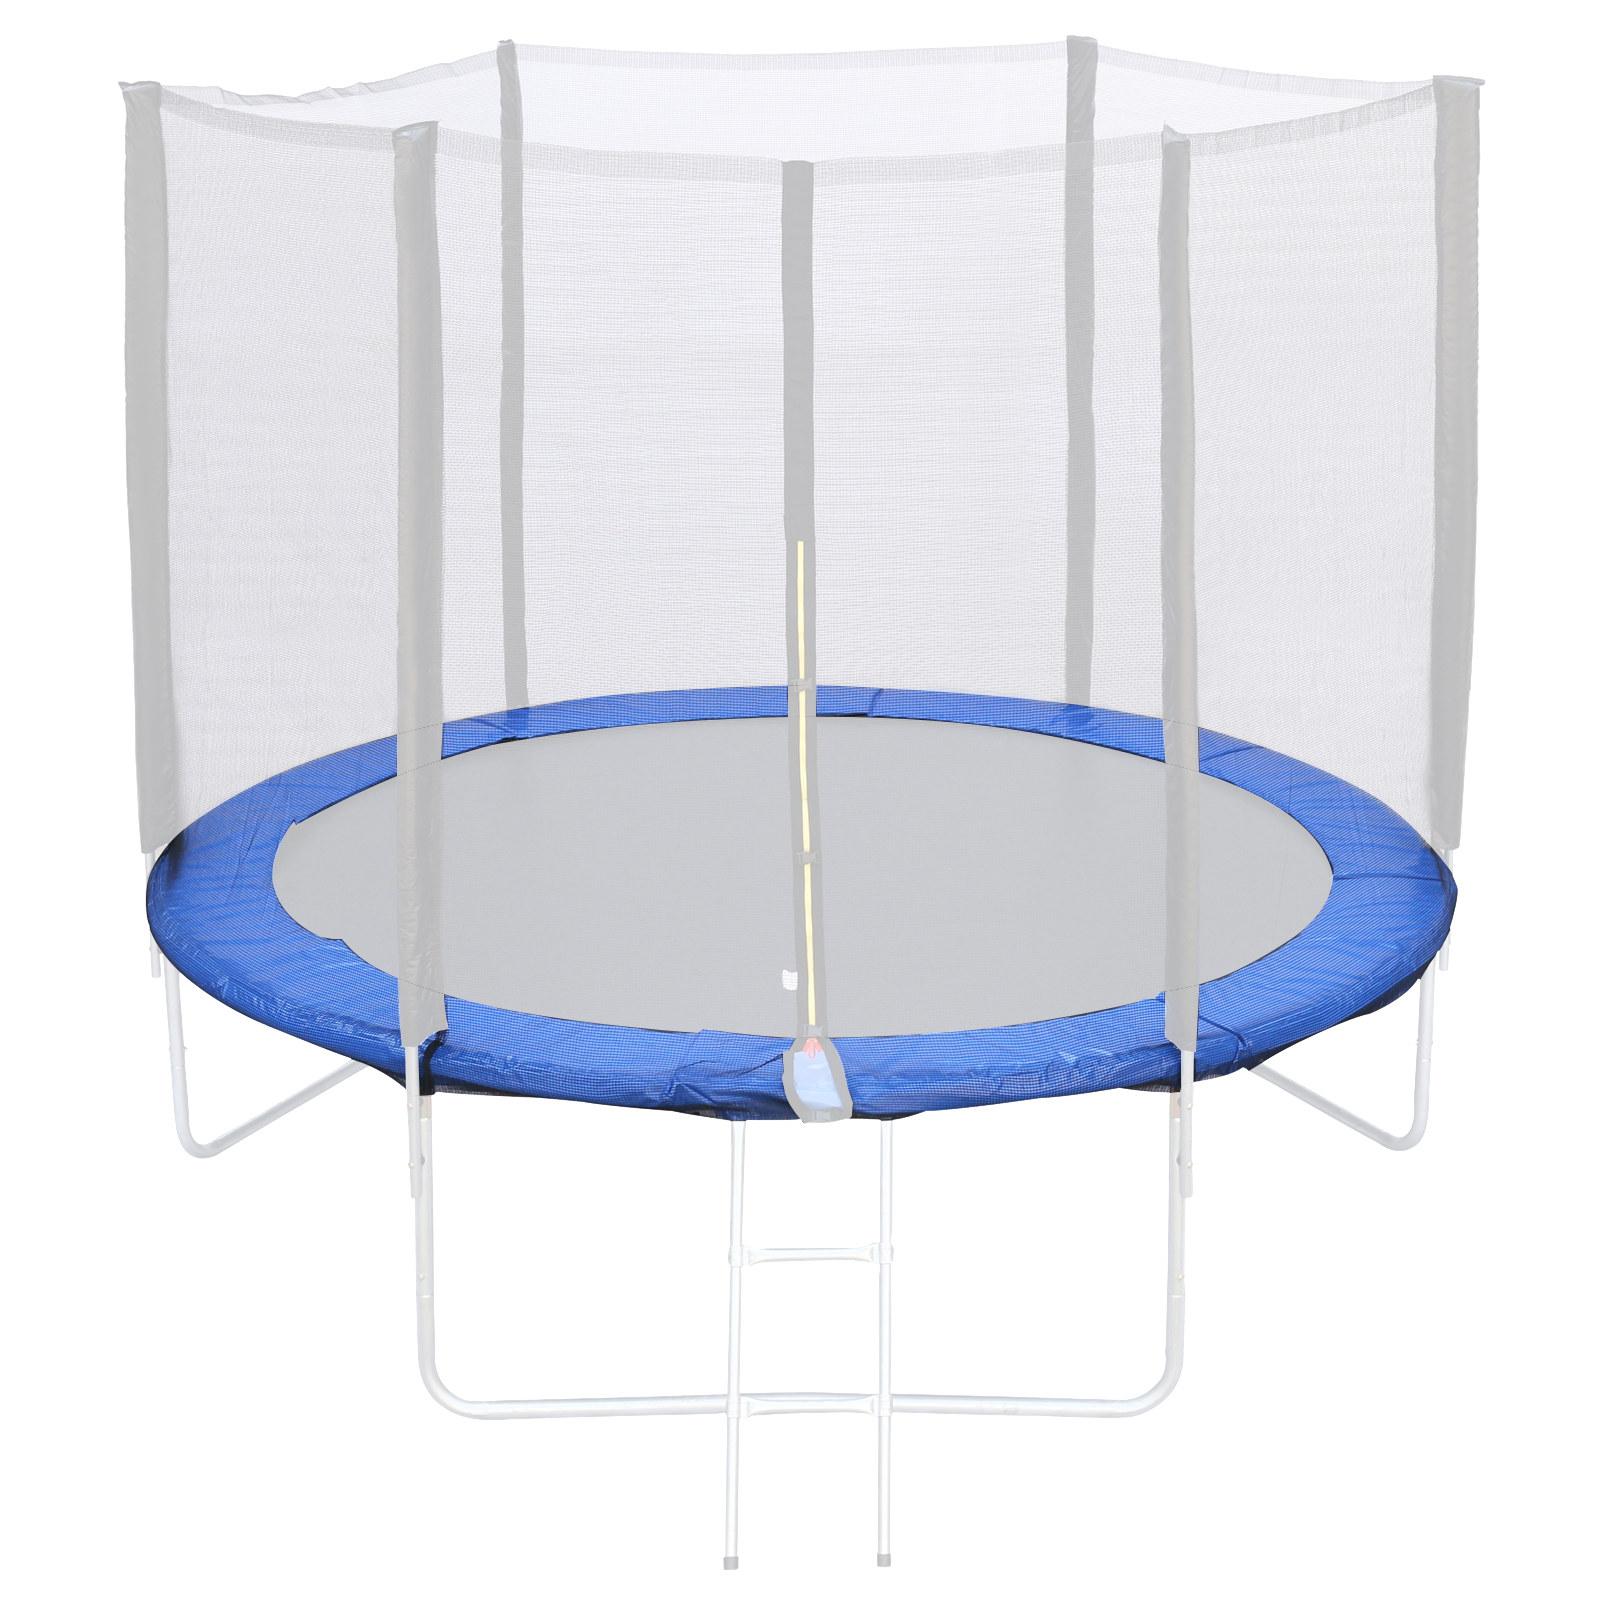 Cubierta-Protectora-para-Borde-de-Cama-Elastica-Trampolin-3-Medidas-Opcionales miniatura 2